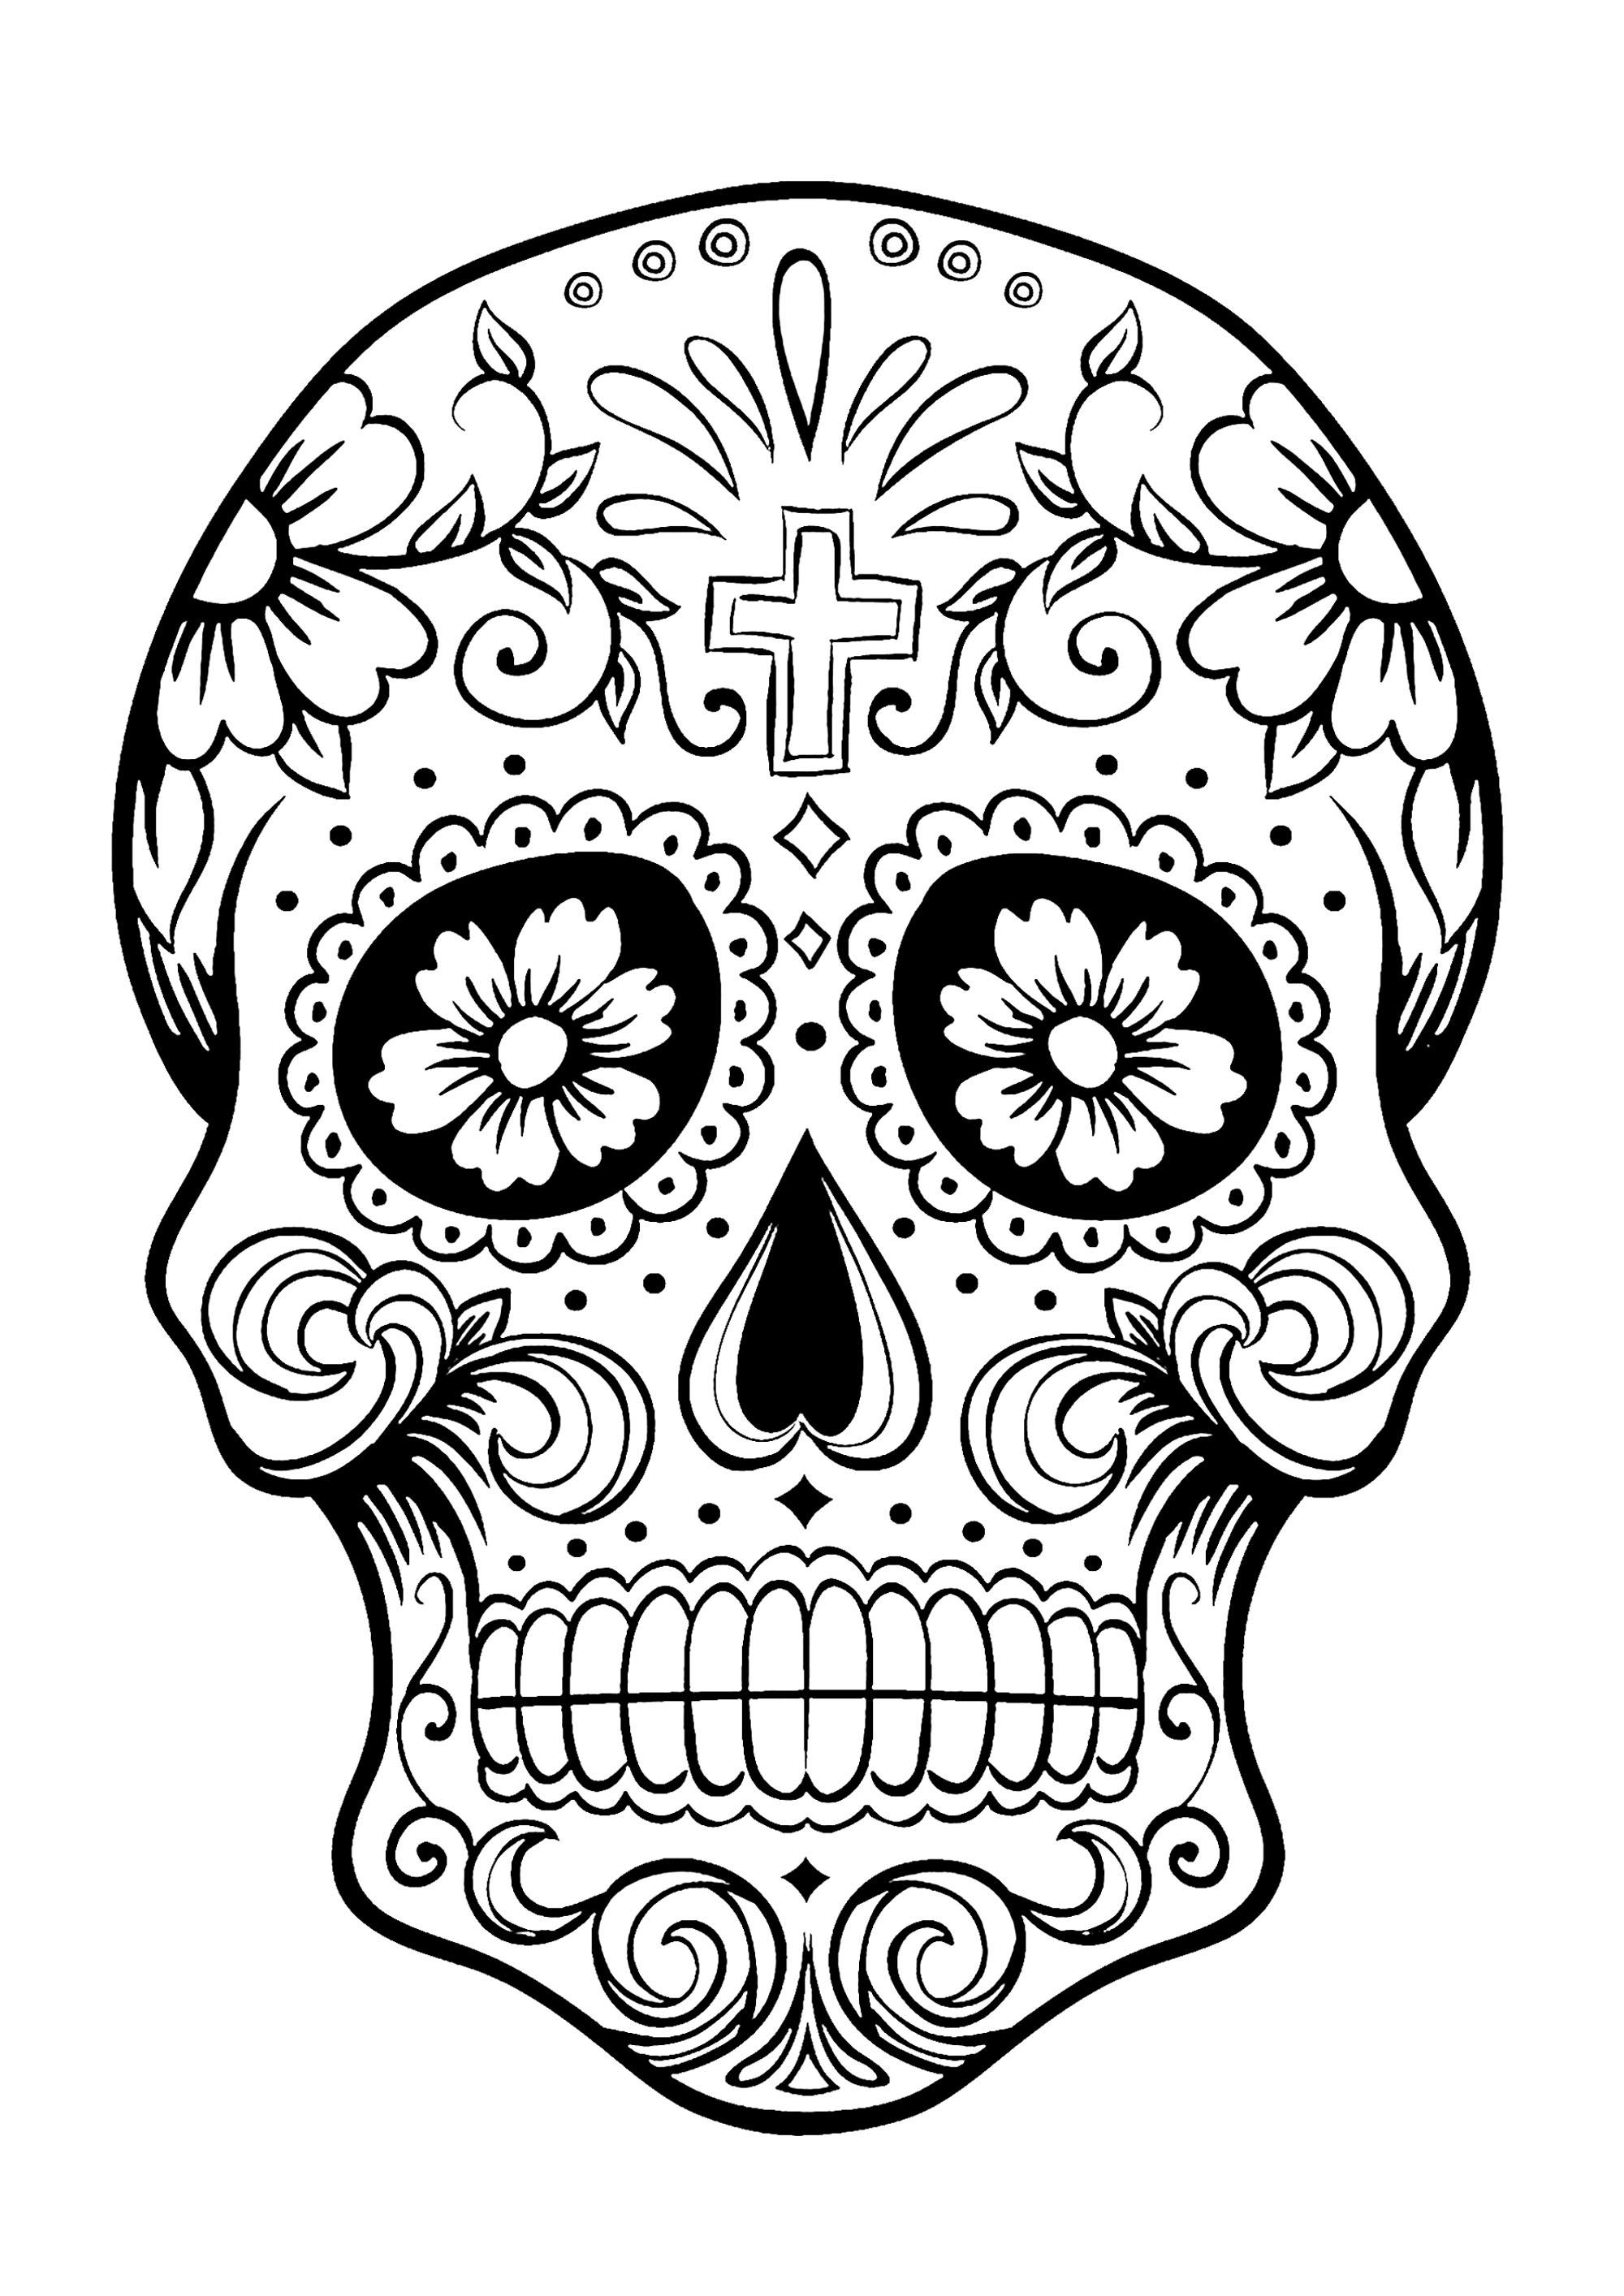 dia de los muertos coloring skull coloring pages for adults los dia coloring de muertos